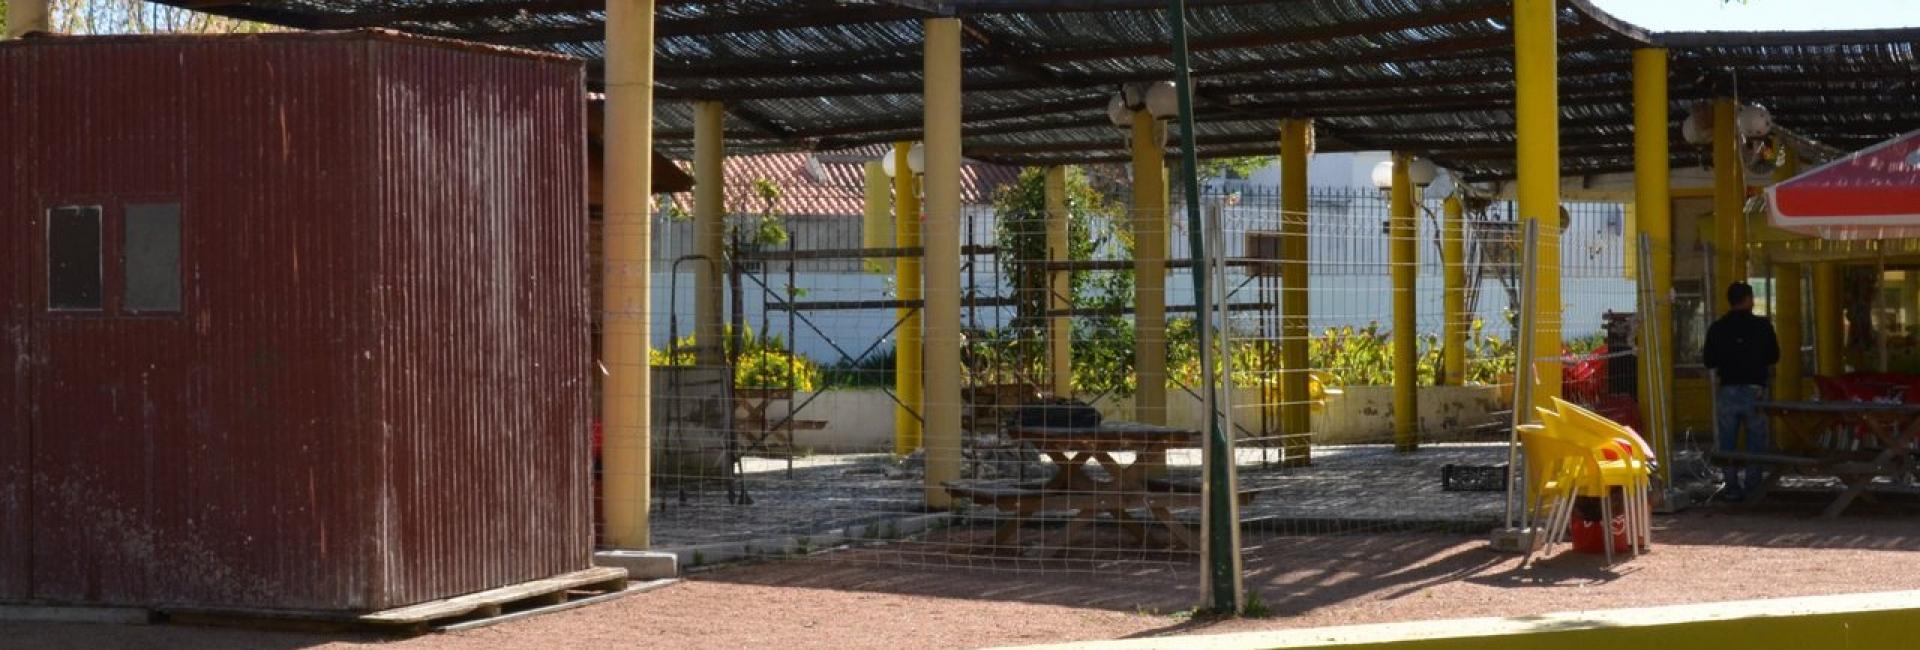 (Português) Jardim Público – Instalação de nova cobertura e requalificação de instalações sanitárias